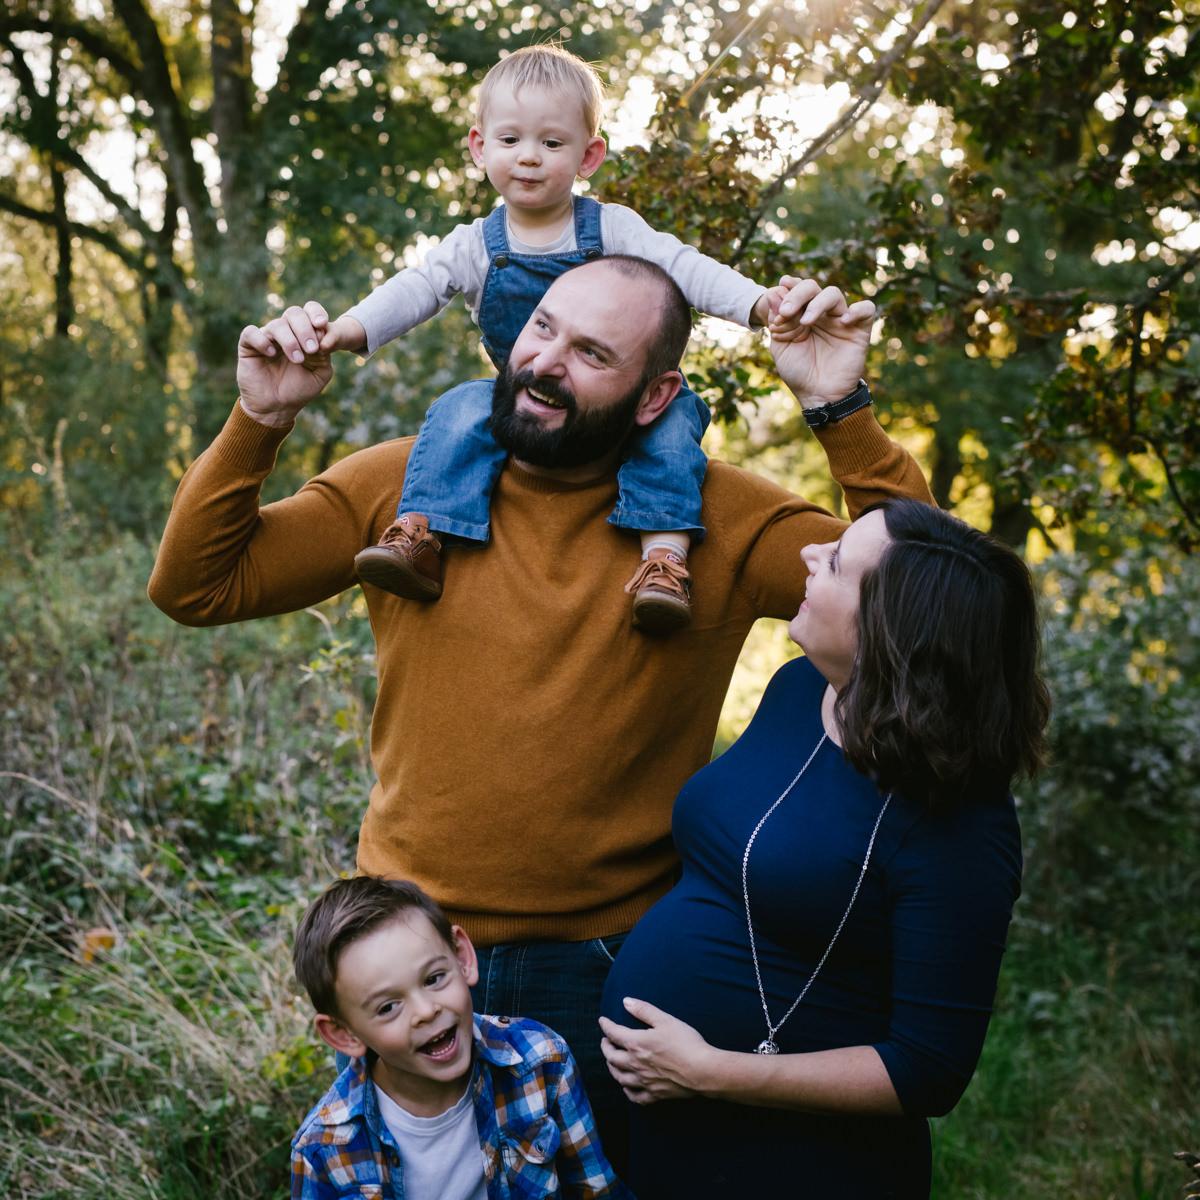 une famille avec deux petits garçons joue ensemble et attendent un bébé